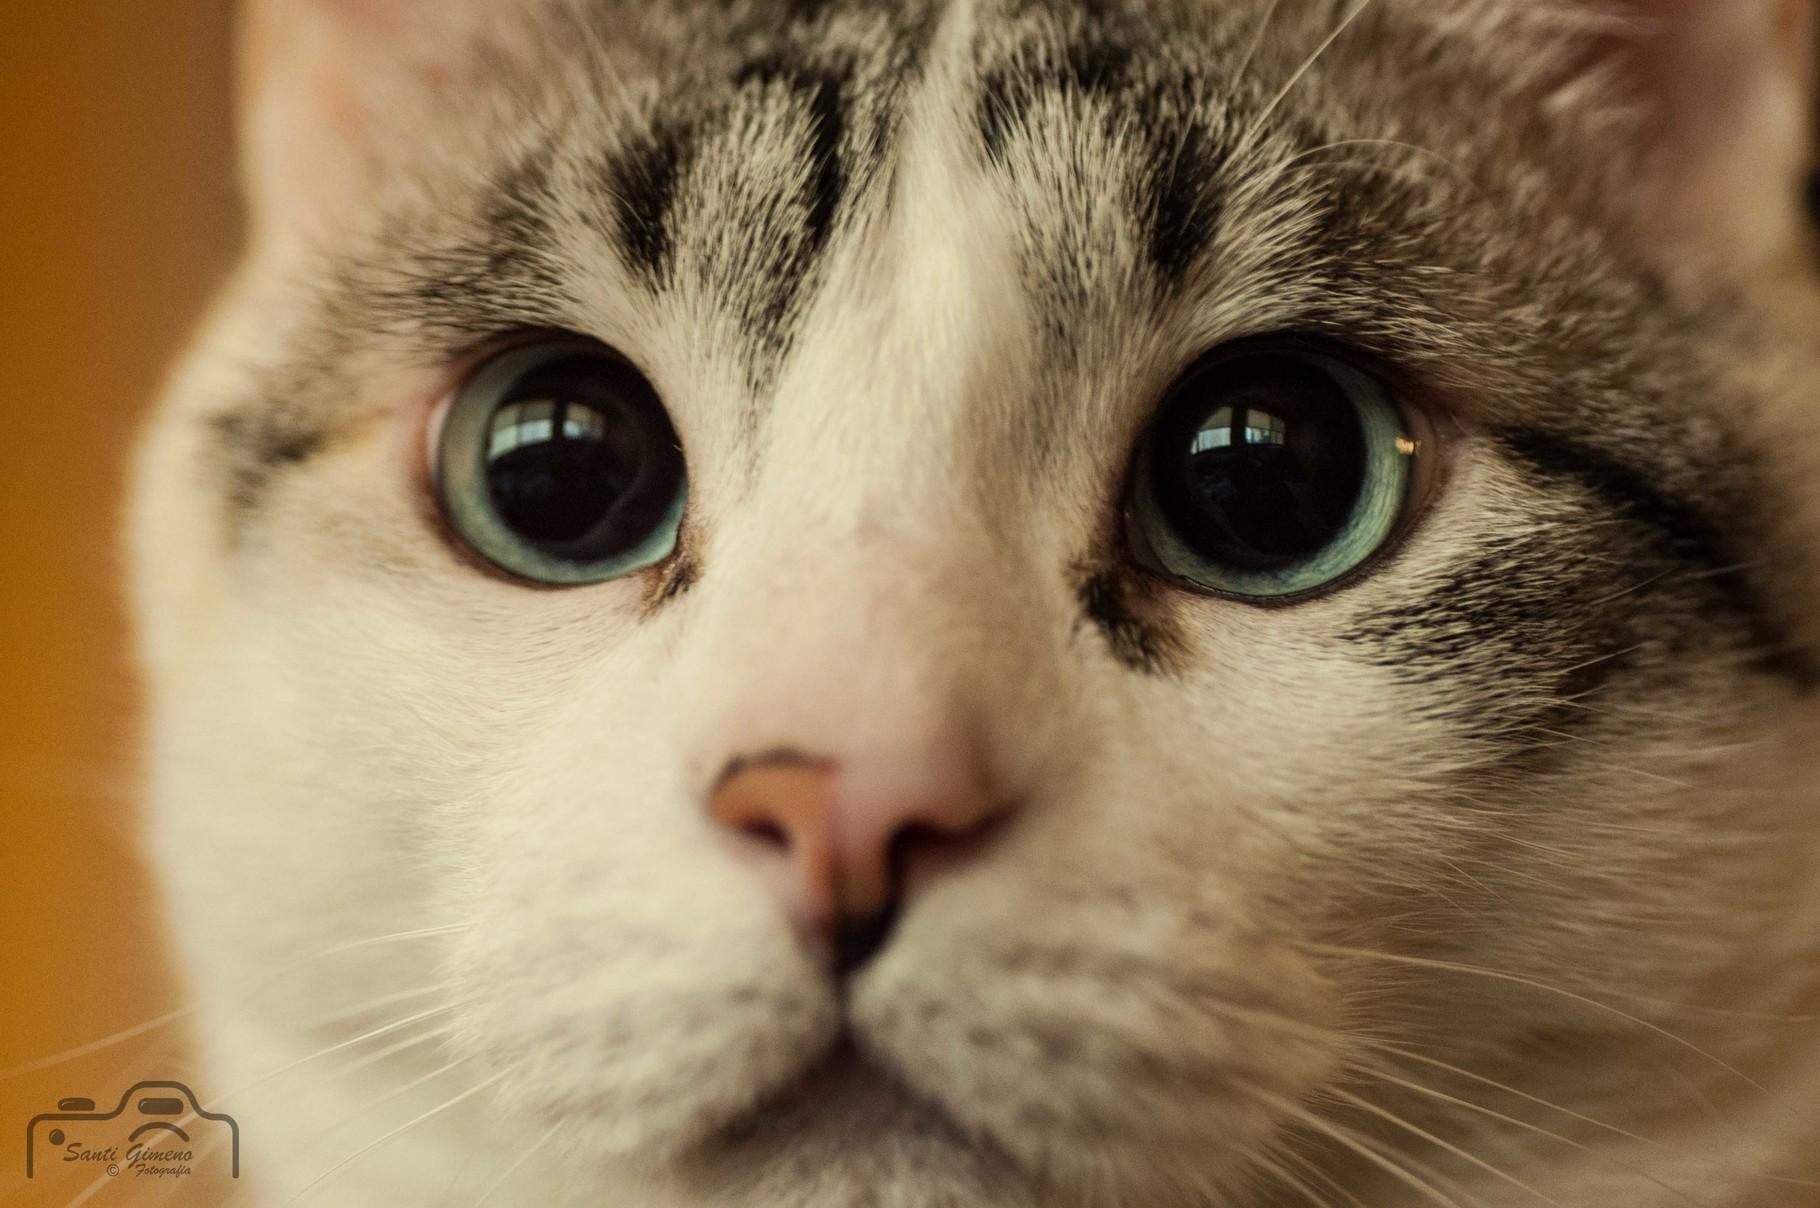 A la Xispi allò de la curiositat va matar al gat, no sembla afectar-la en excés